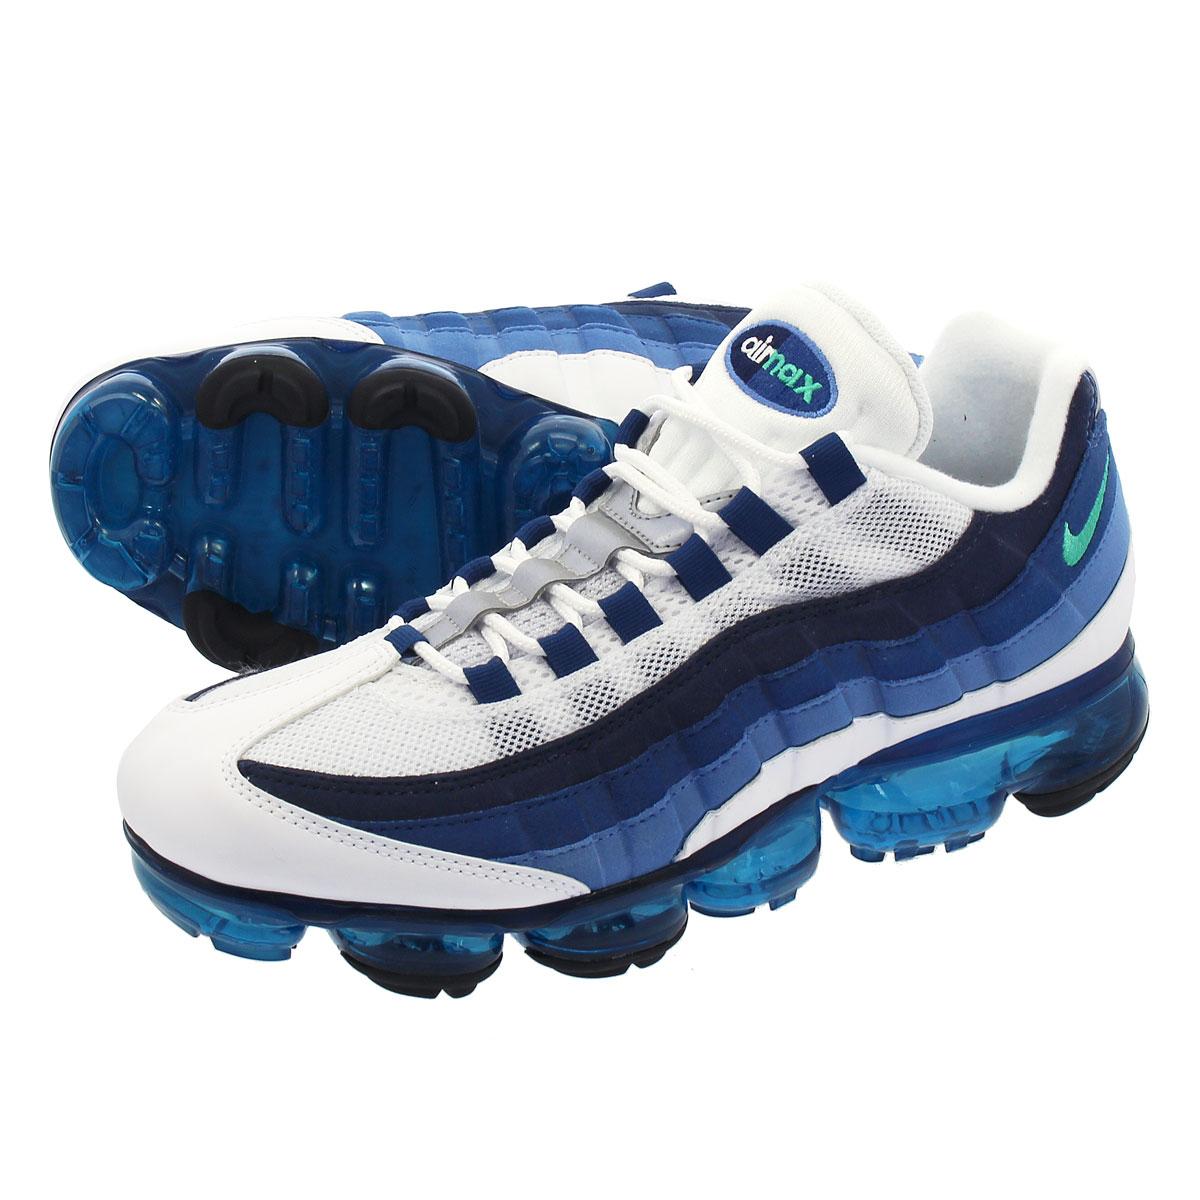 【ビッグ・スモールサイズ】 NIKE AIR VAPORMAX 95 ナイキ エア ヴェイパーマックス 95 WHITE/NEW GREEN/FRENCH BLUE/LAKE BLUE aj7292-100